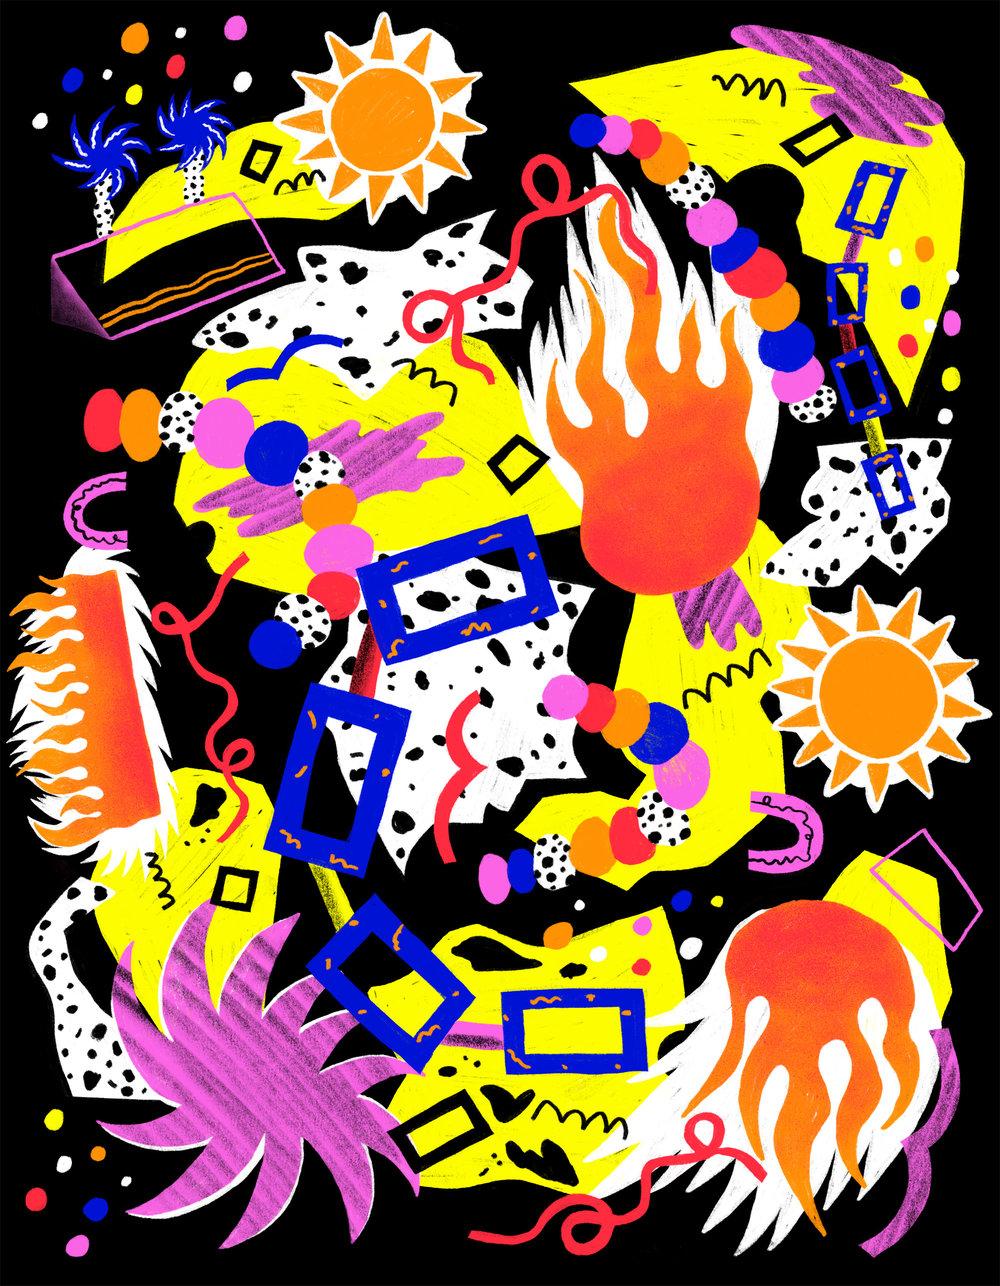 club_heat_poster_14x18_2.jpg